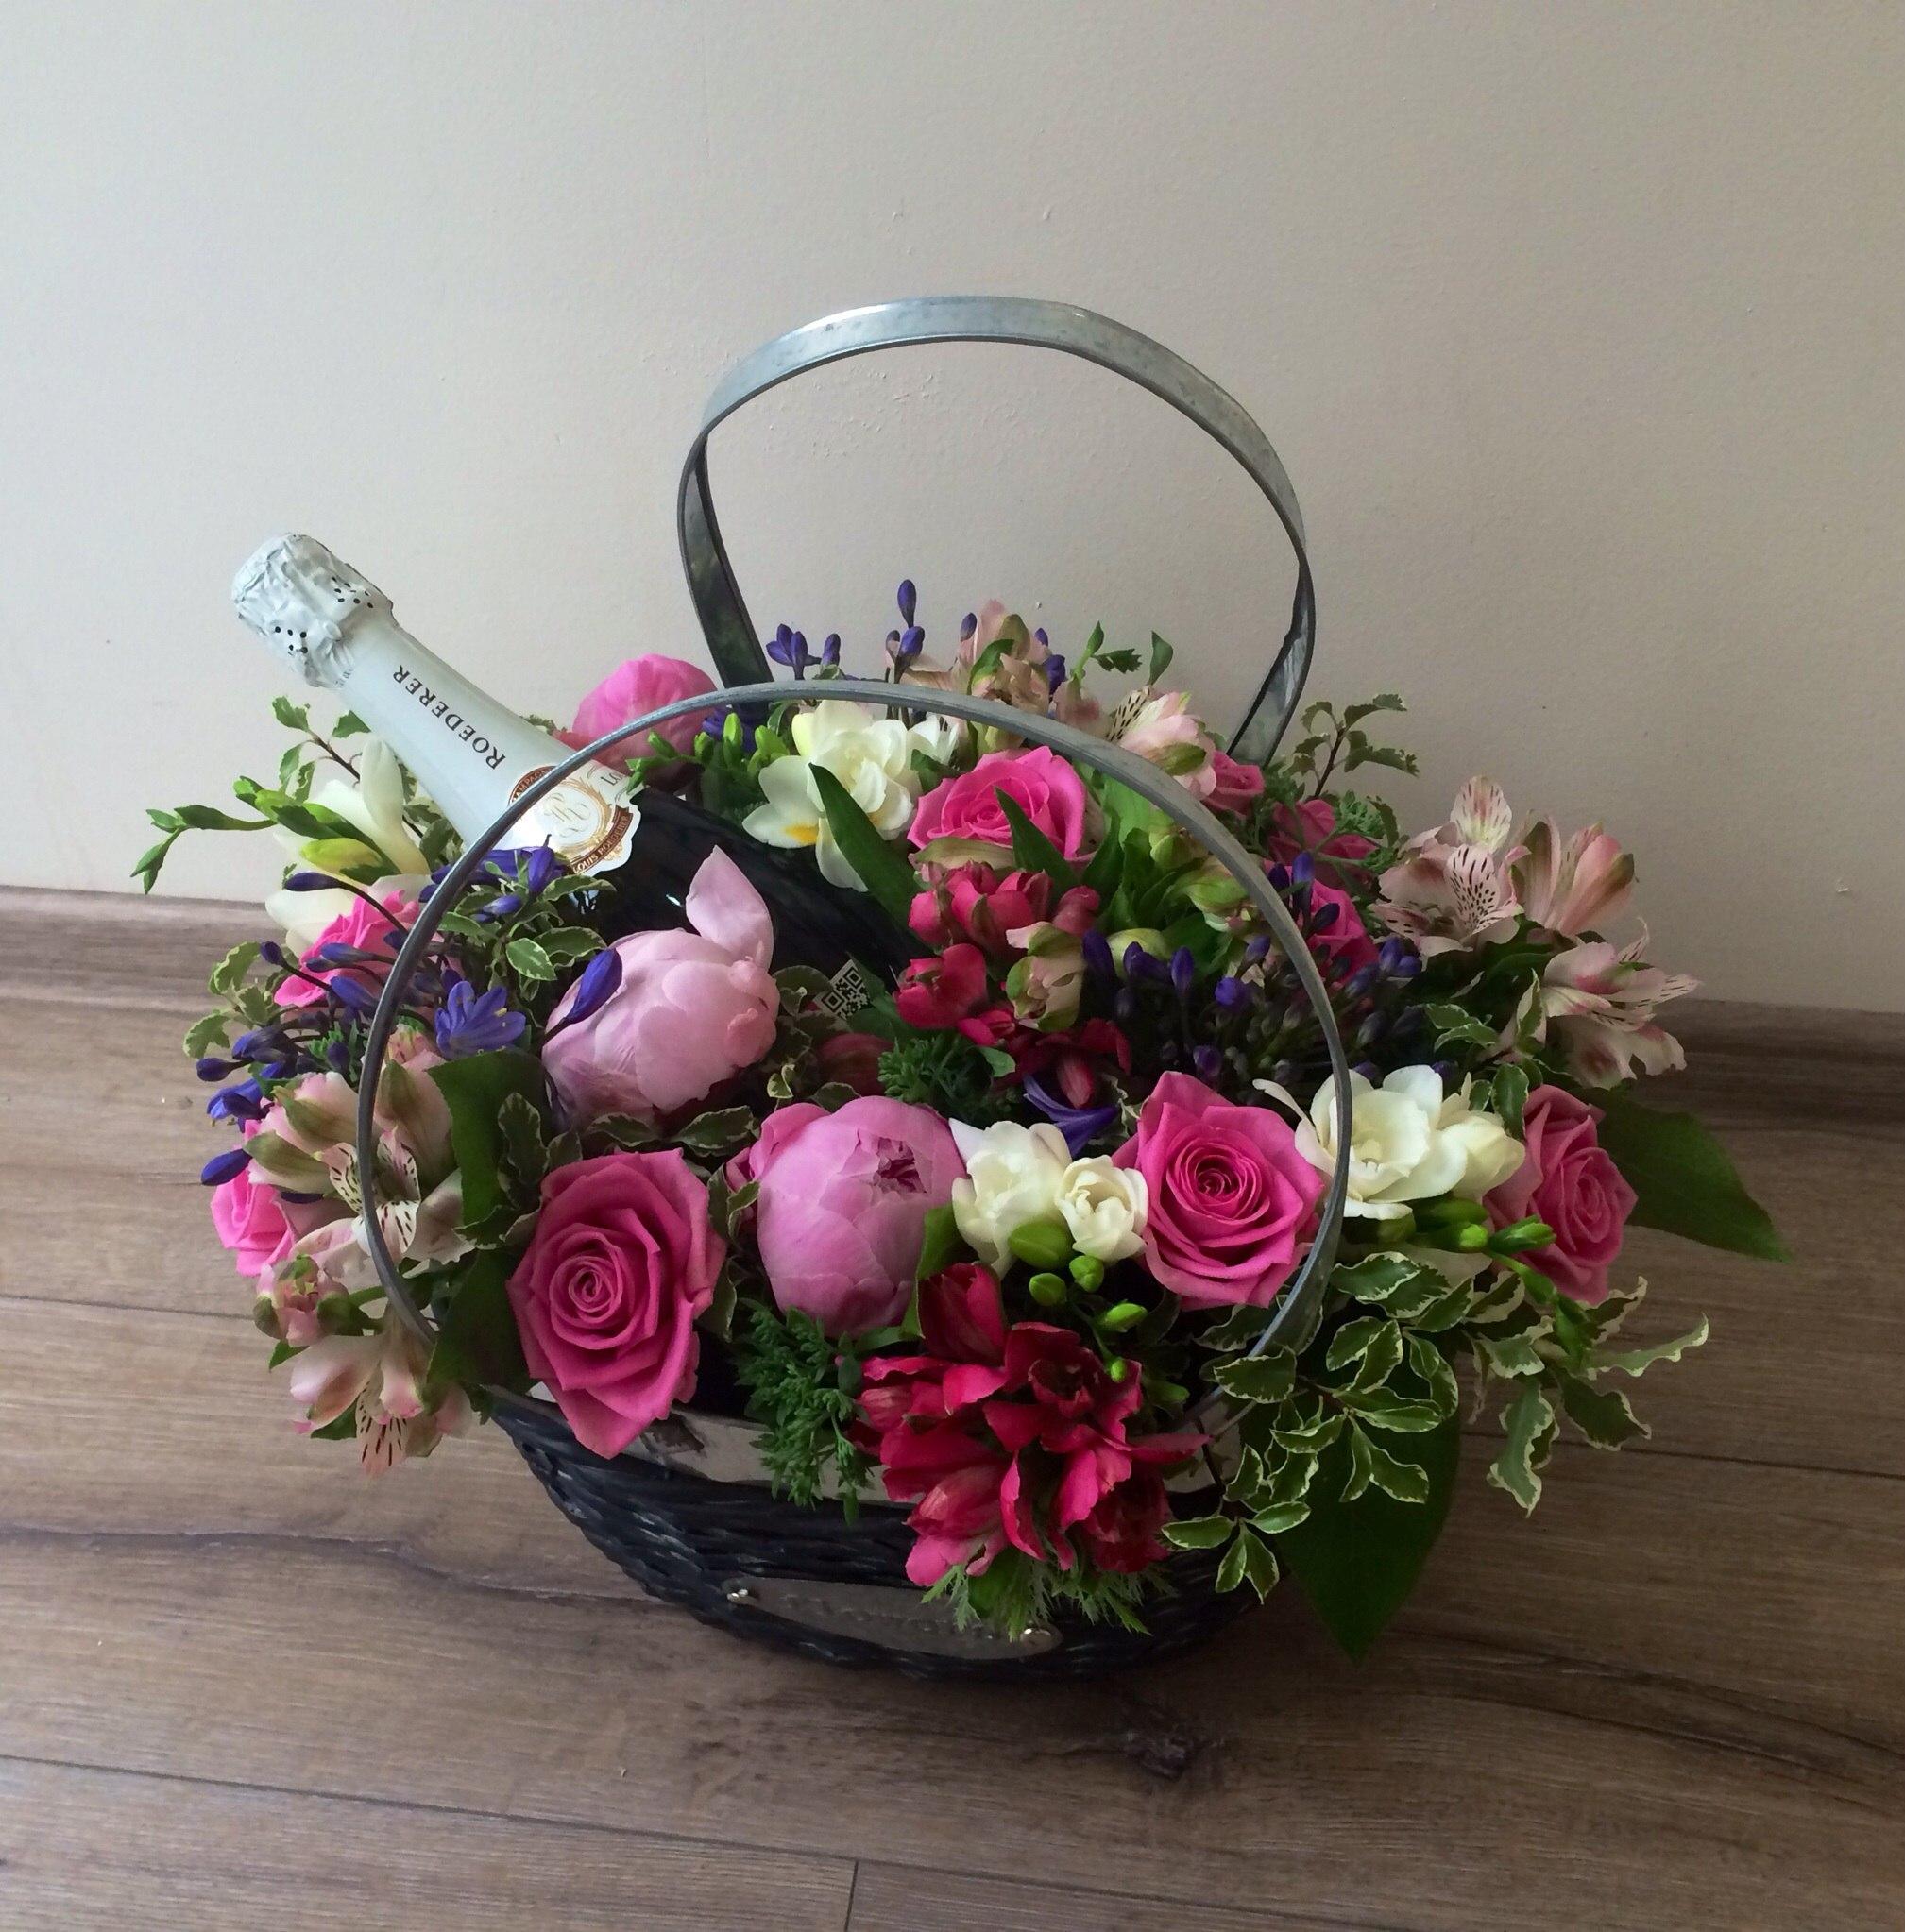 Фото корзины с цветами на полу